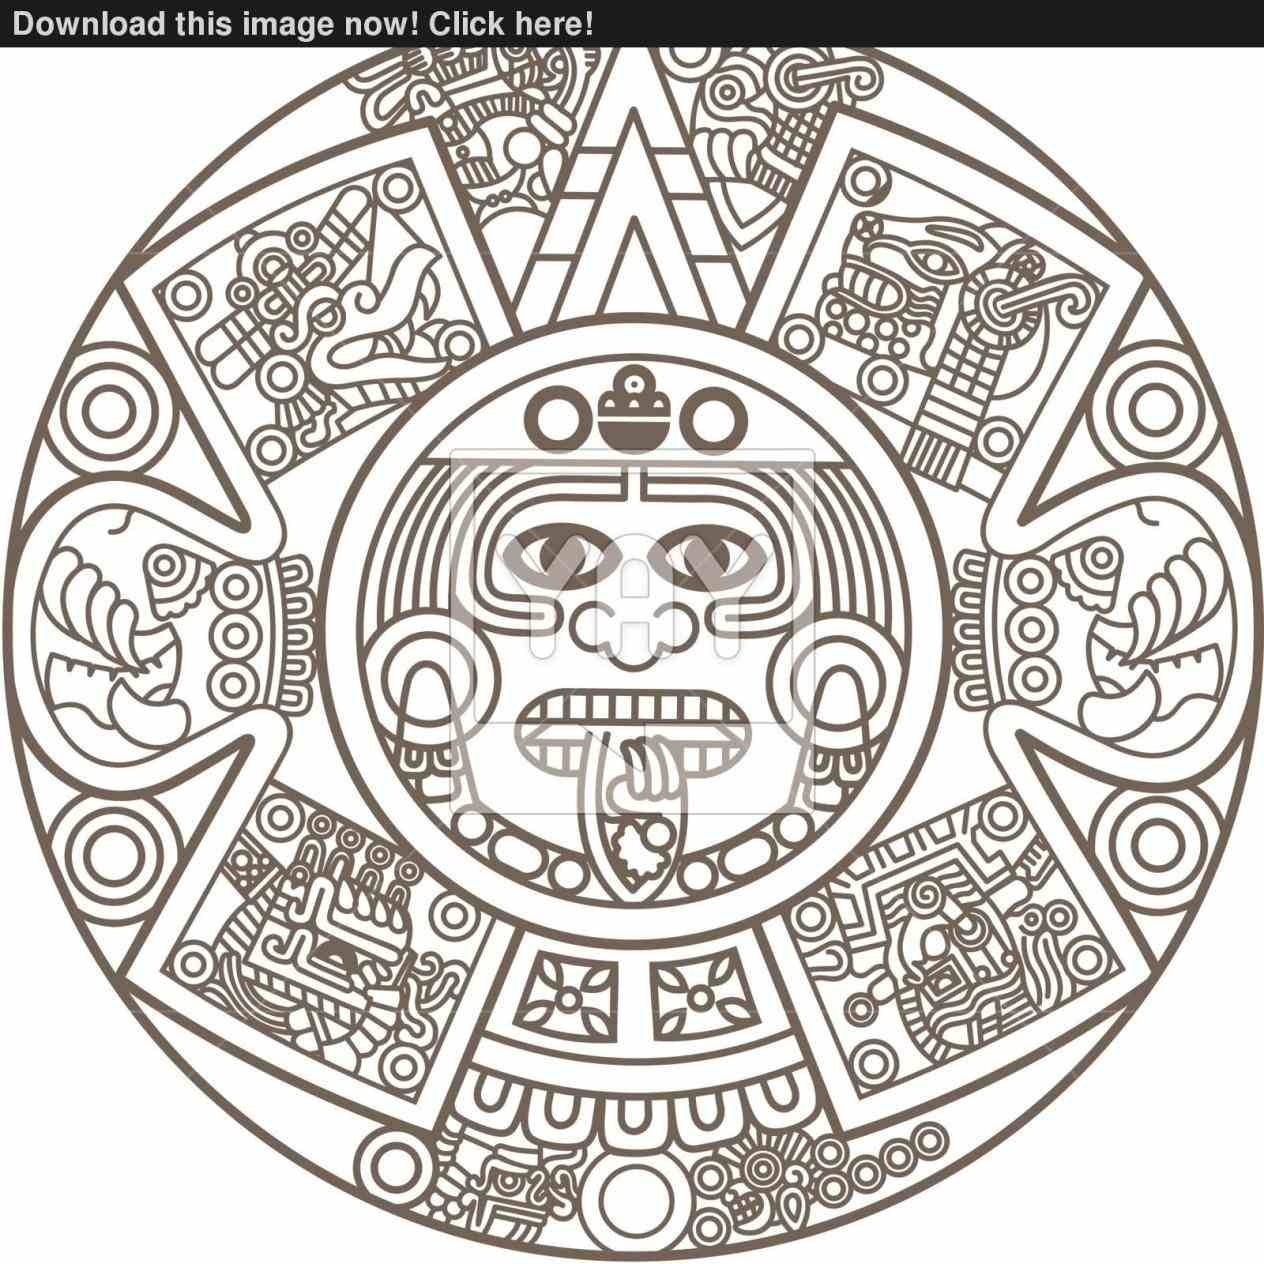 Aztec Calendar Drawing Easy Draw83abry